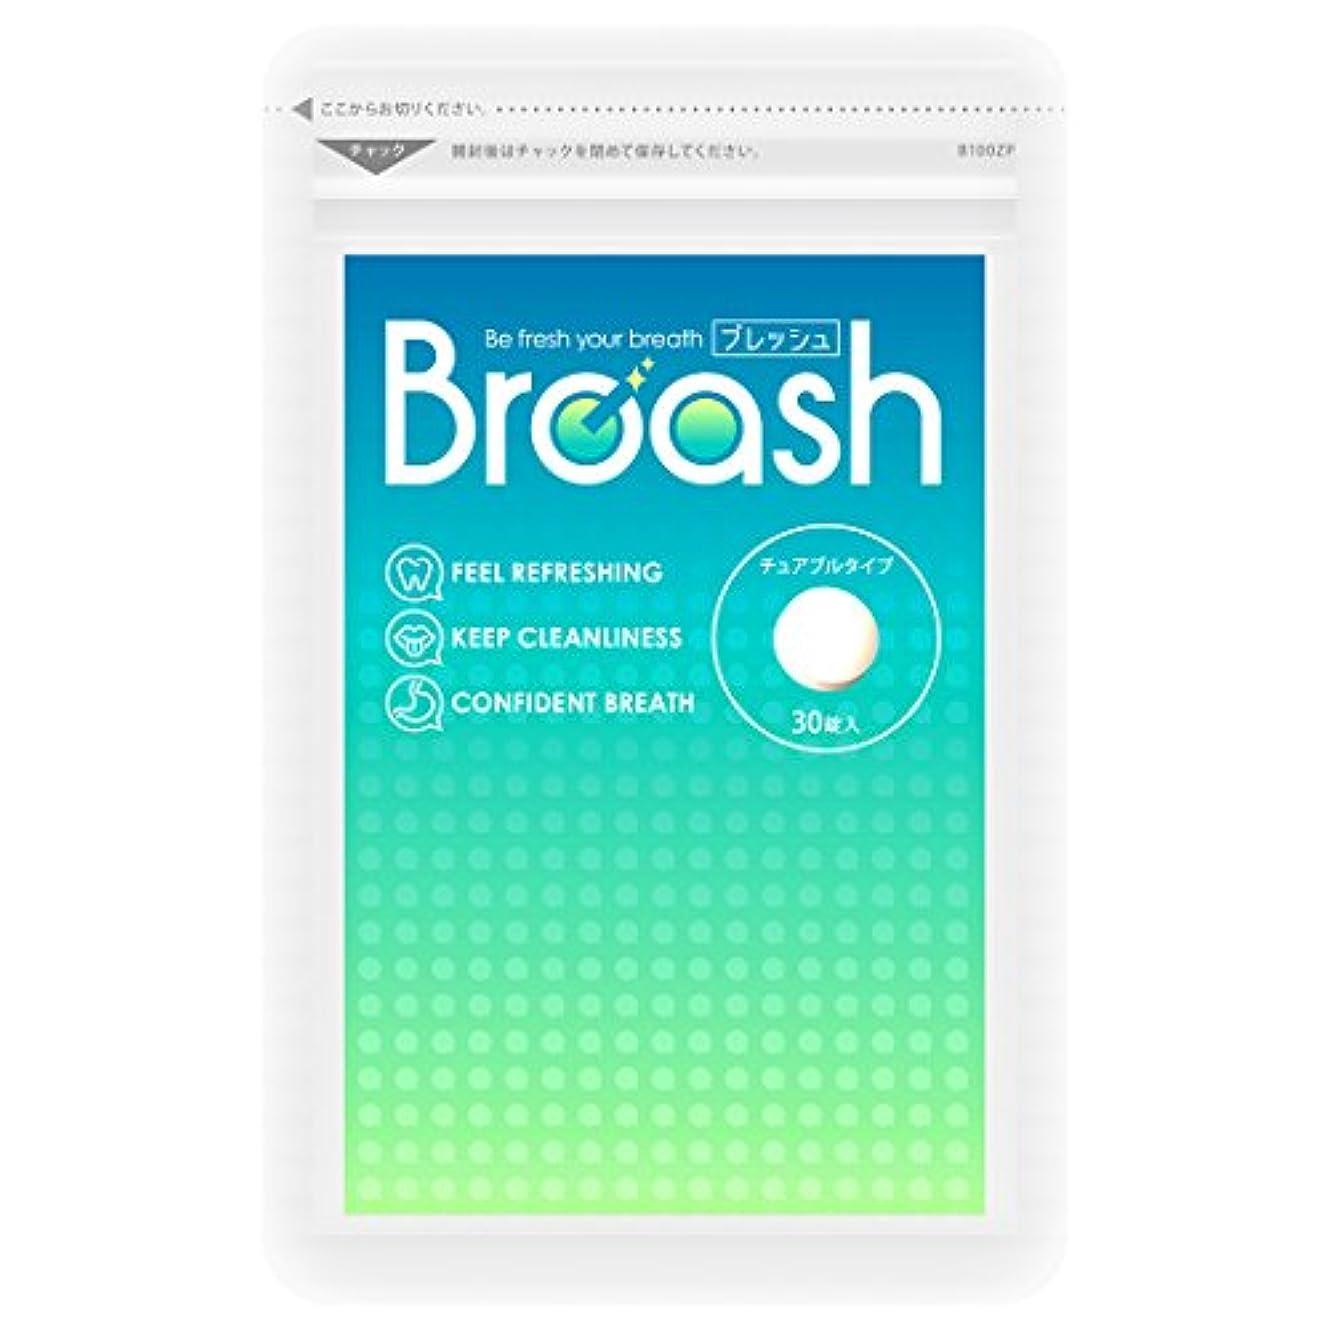 ガラガラ行くストローBreash(ブレッシュ) 口臭 サプリ タブレット チュアブルタイプ (30粒入り)